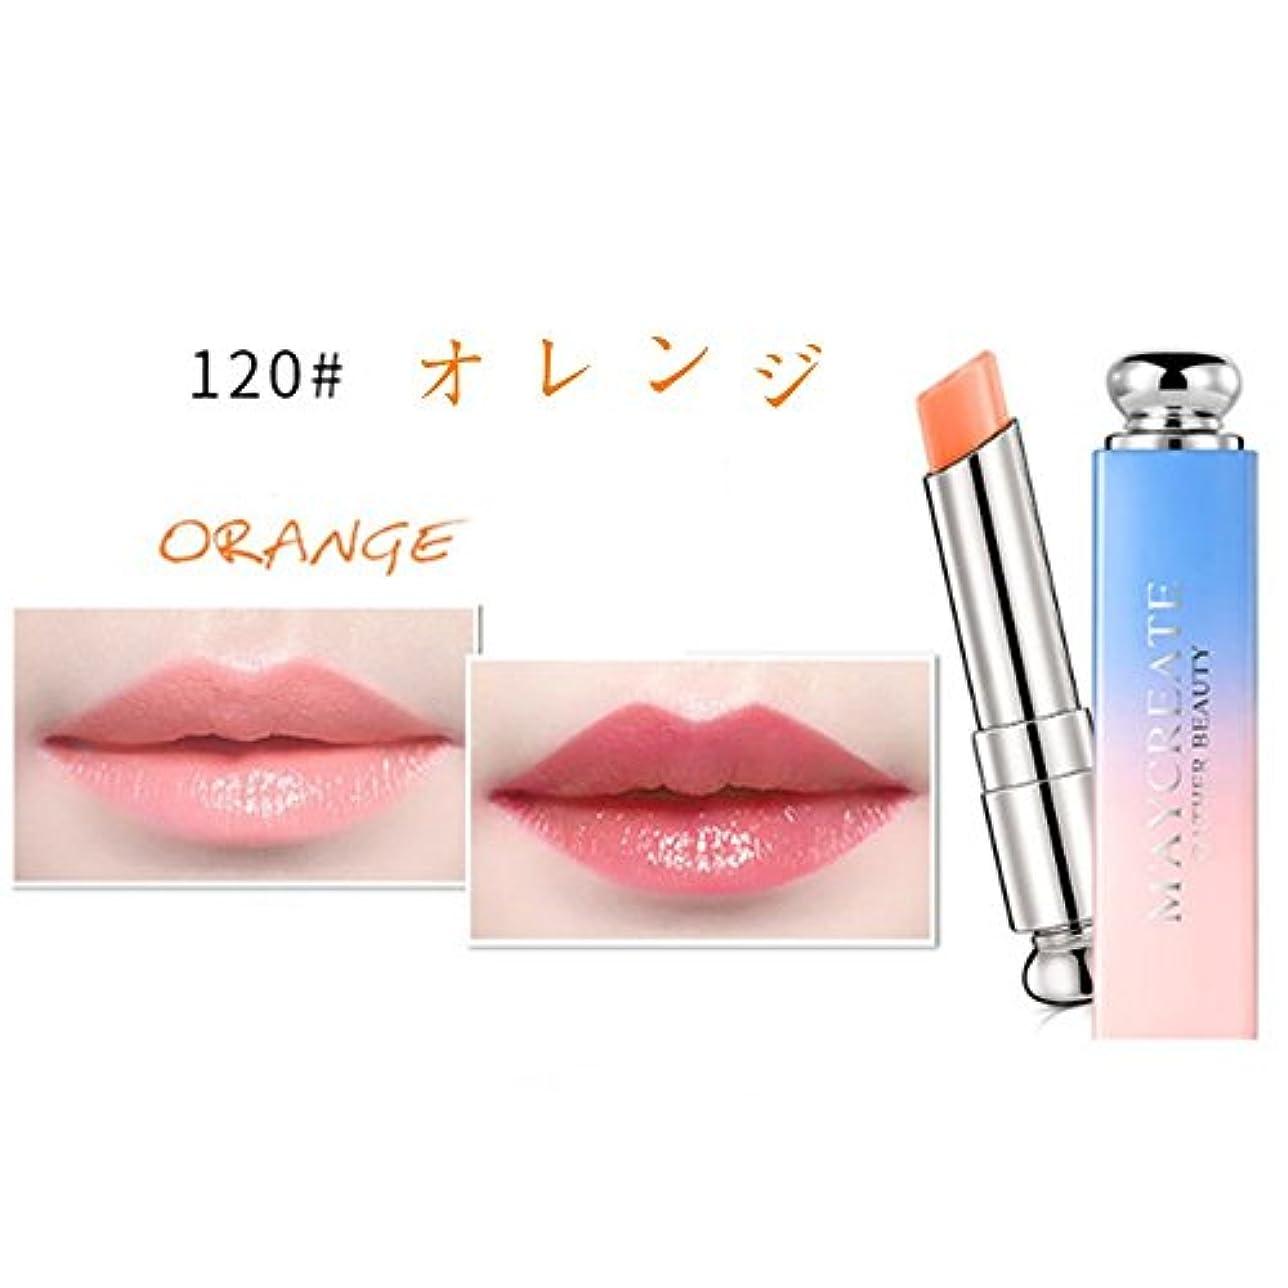 社会科アンテナ脳リップスティック うるおい 口紅 唇の温度で色が変化するリップ 優れる発色力 保湿 長持ち 3.8g (120#)